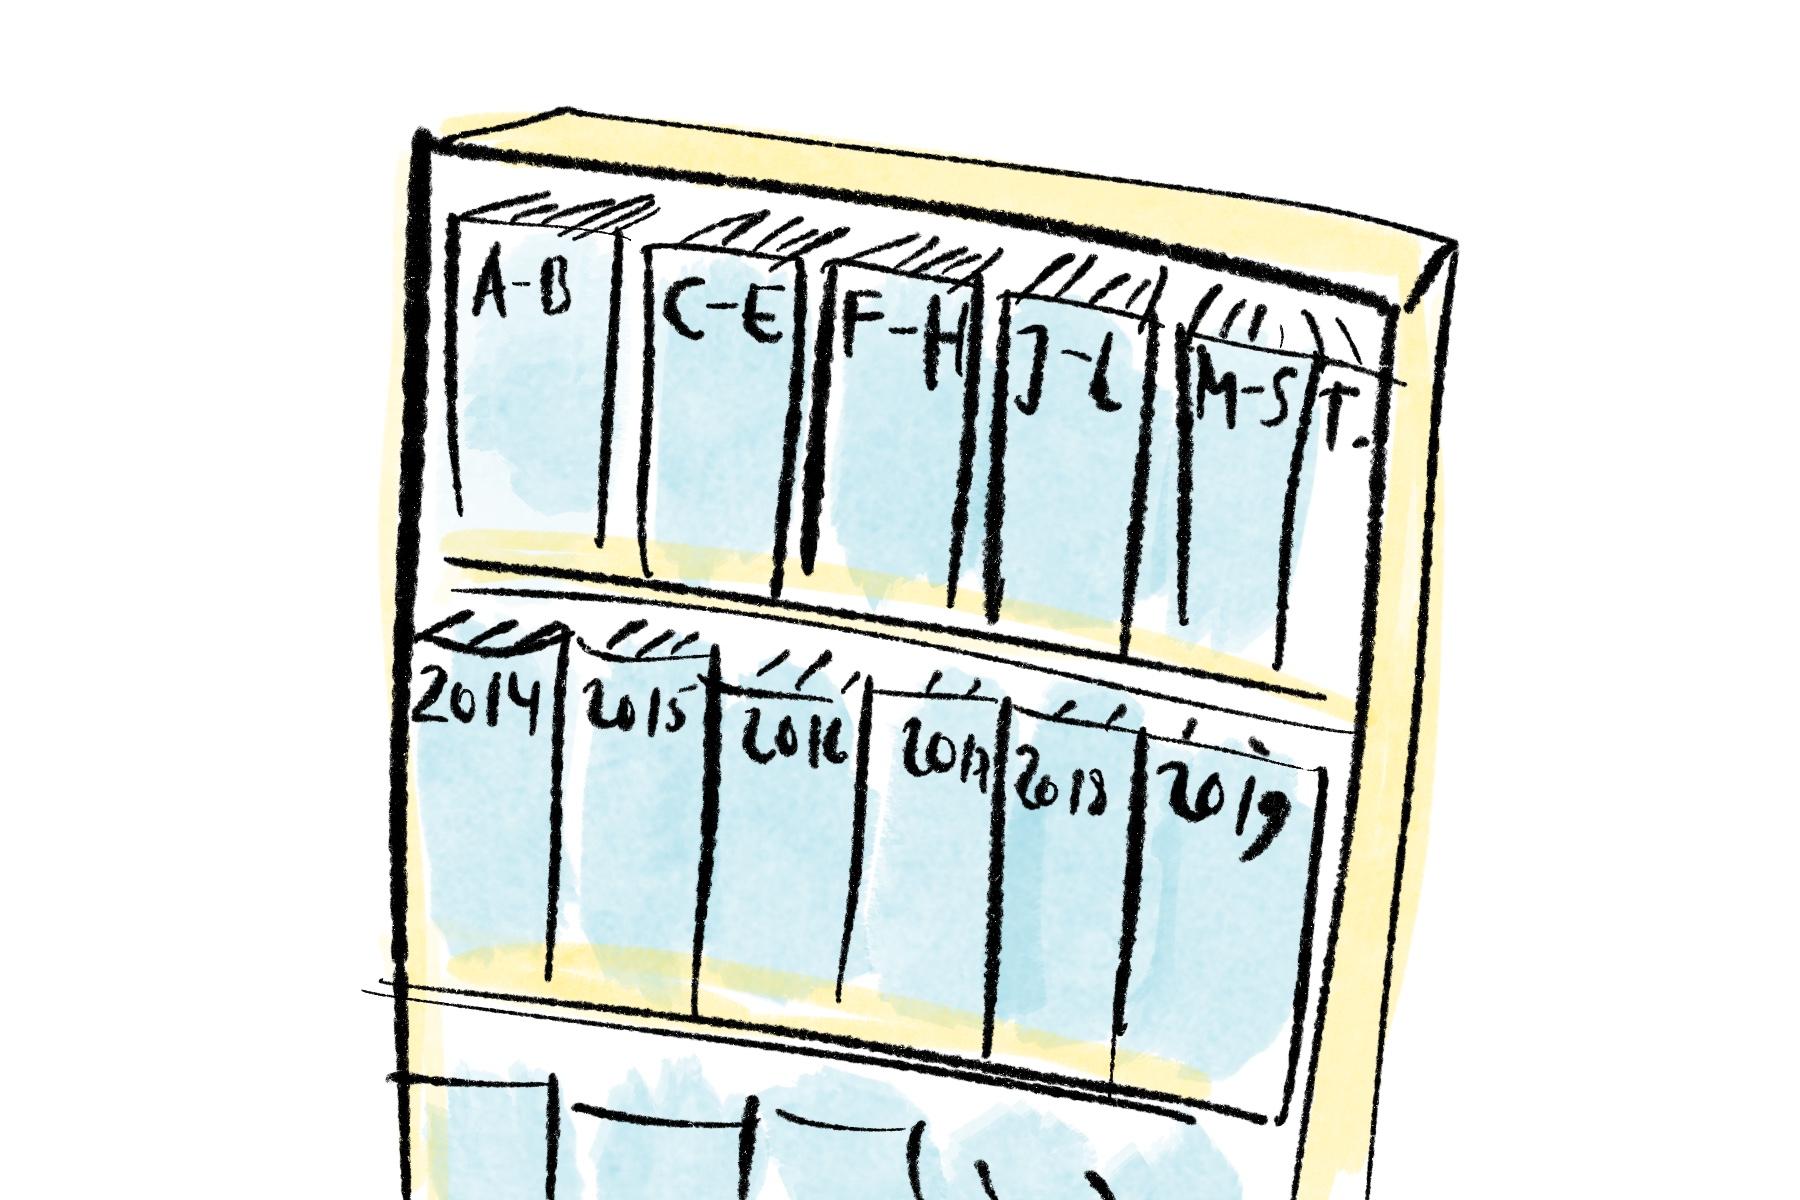 Das semantische Gedächtnis ist wie ein Aktenschrank nach allgemeingültigen Kategorien sortiert.